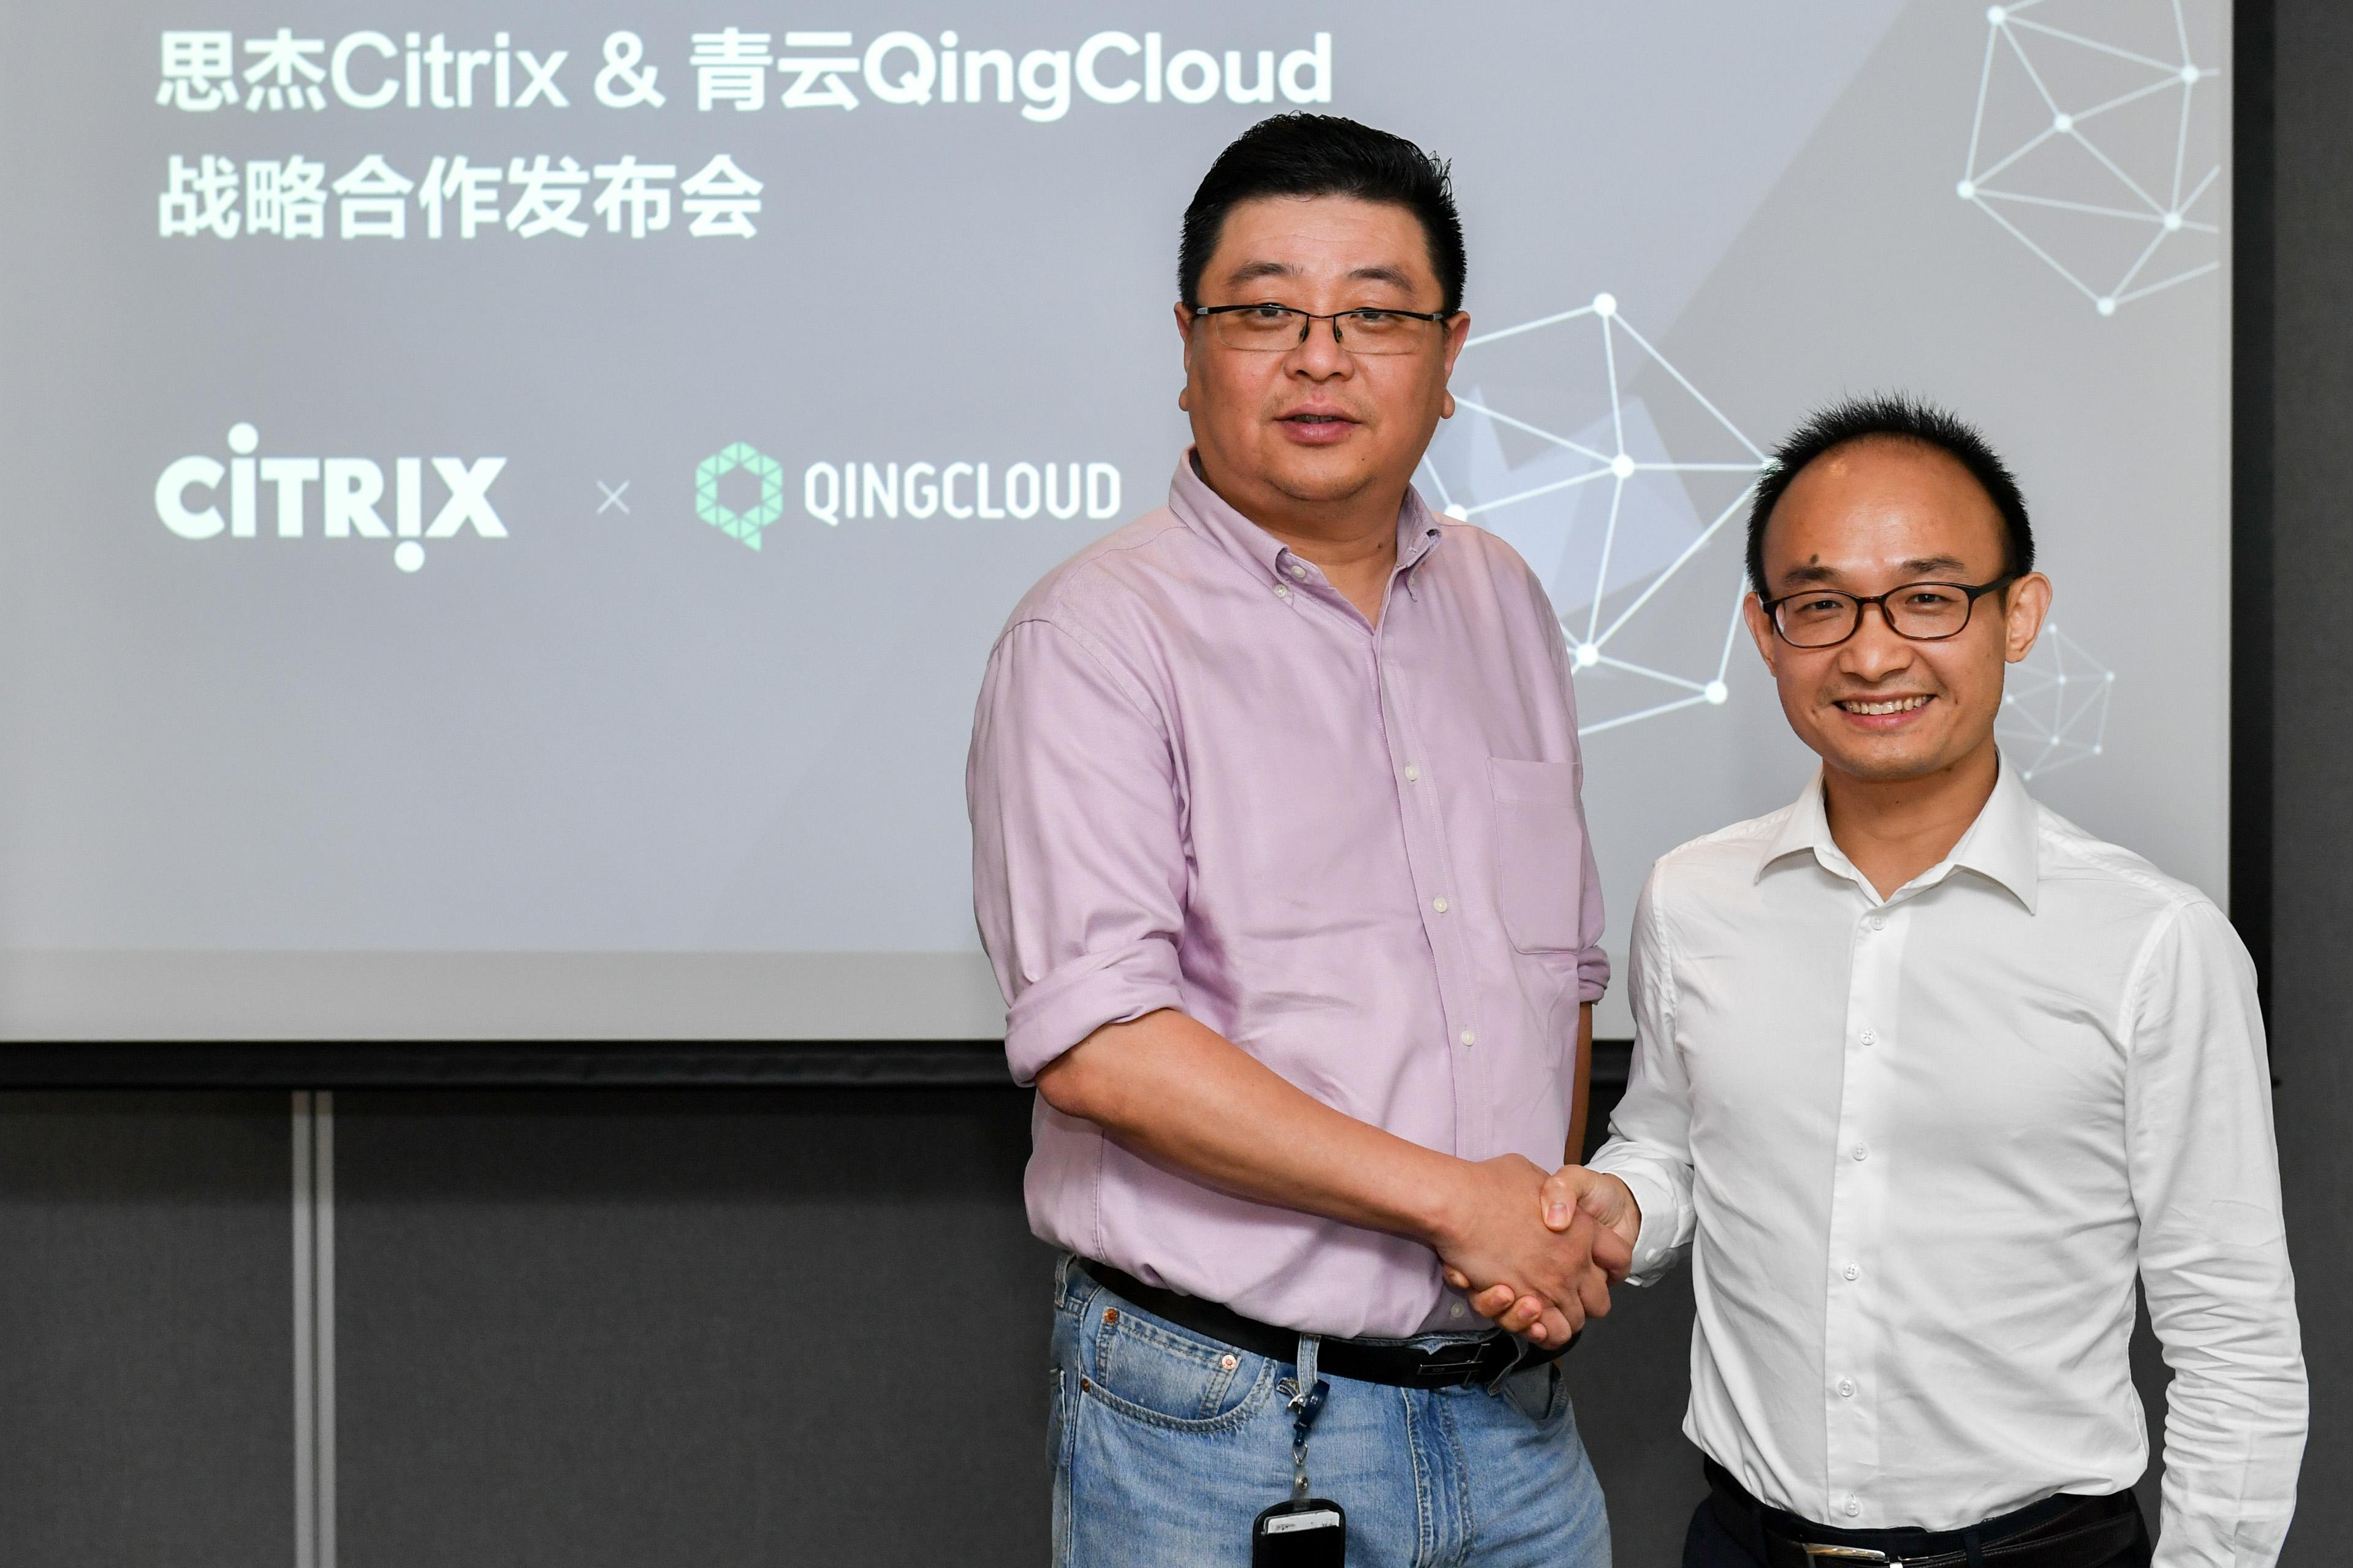 青云QingCloud与思杰达成战略合作 深度整合桌面云能力